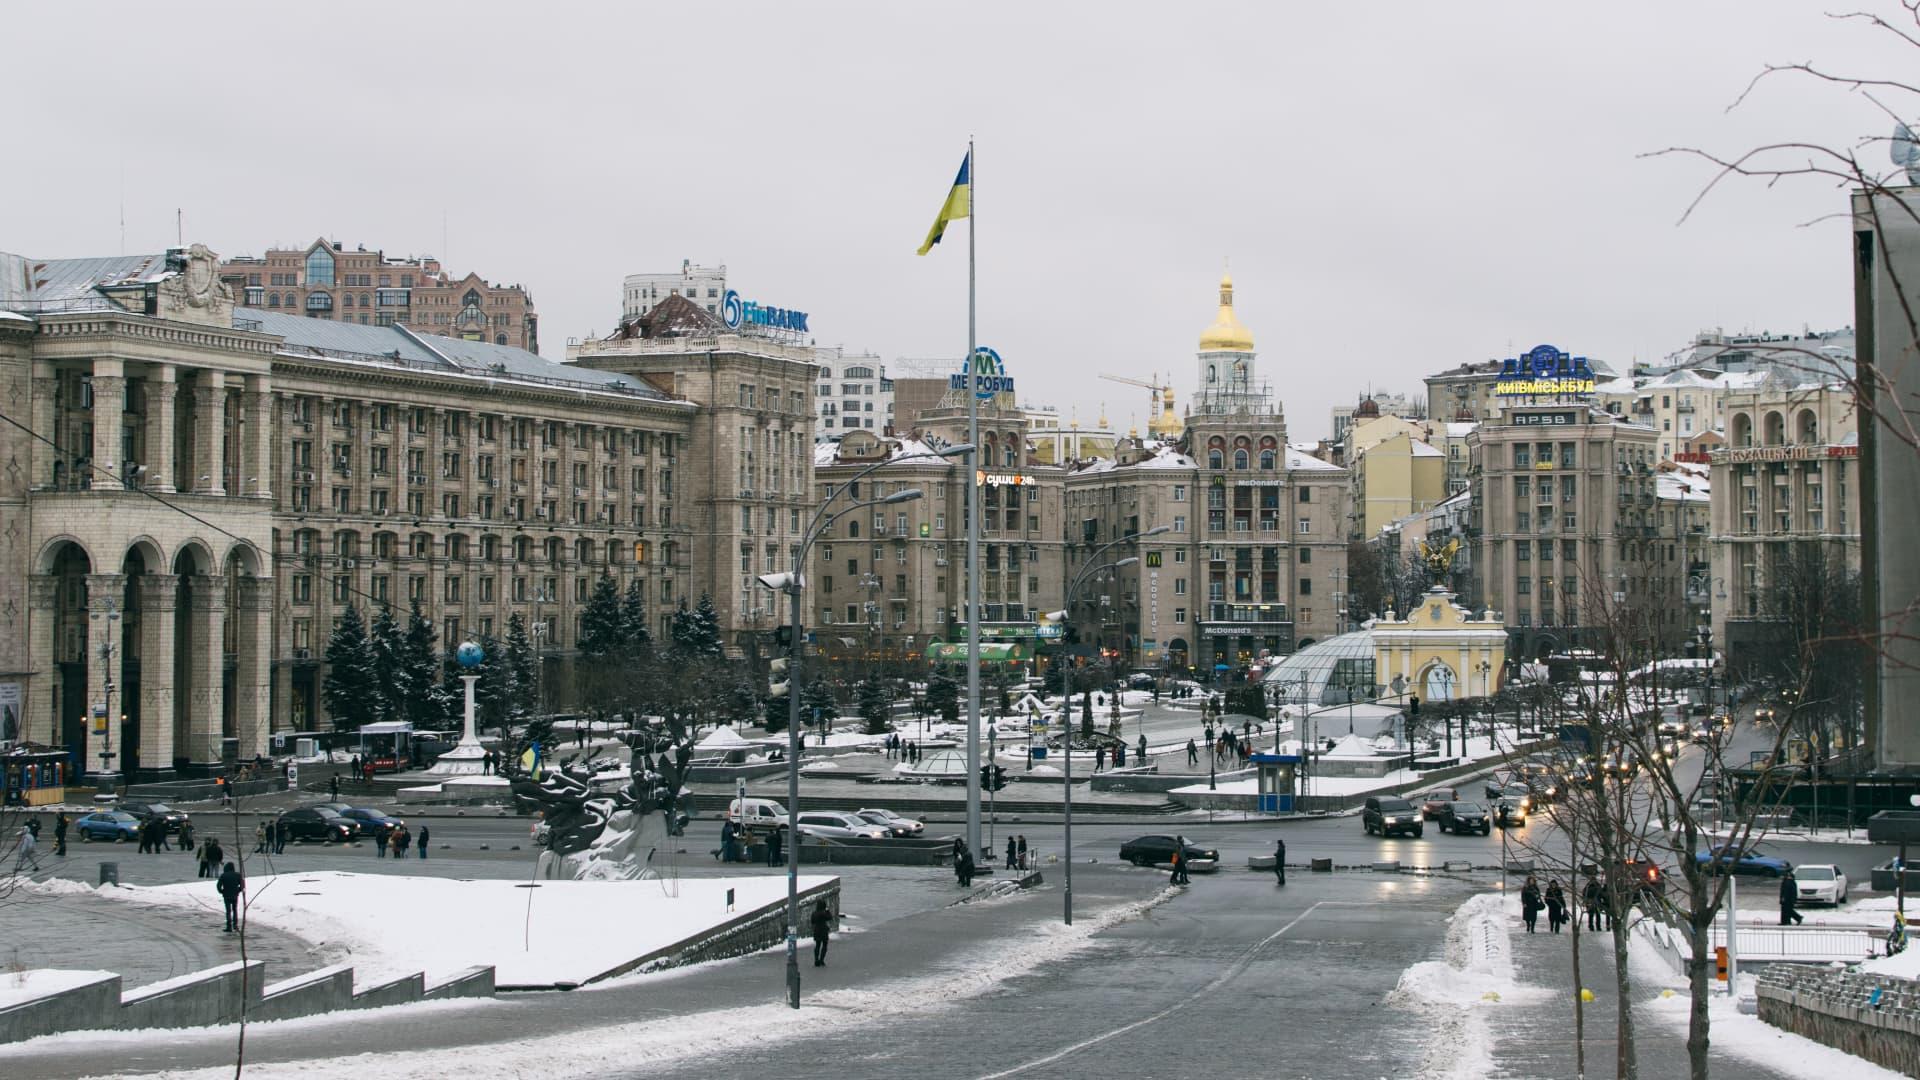 Central square in Kiev, Ukraine